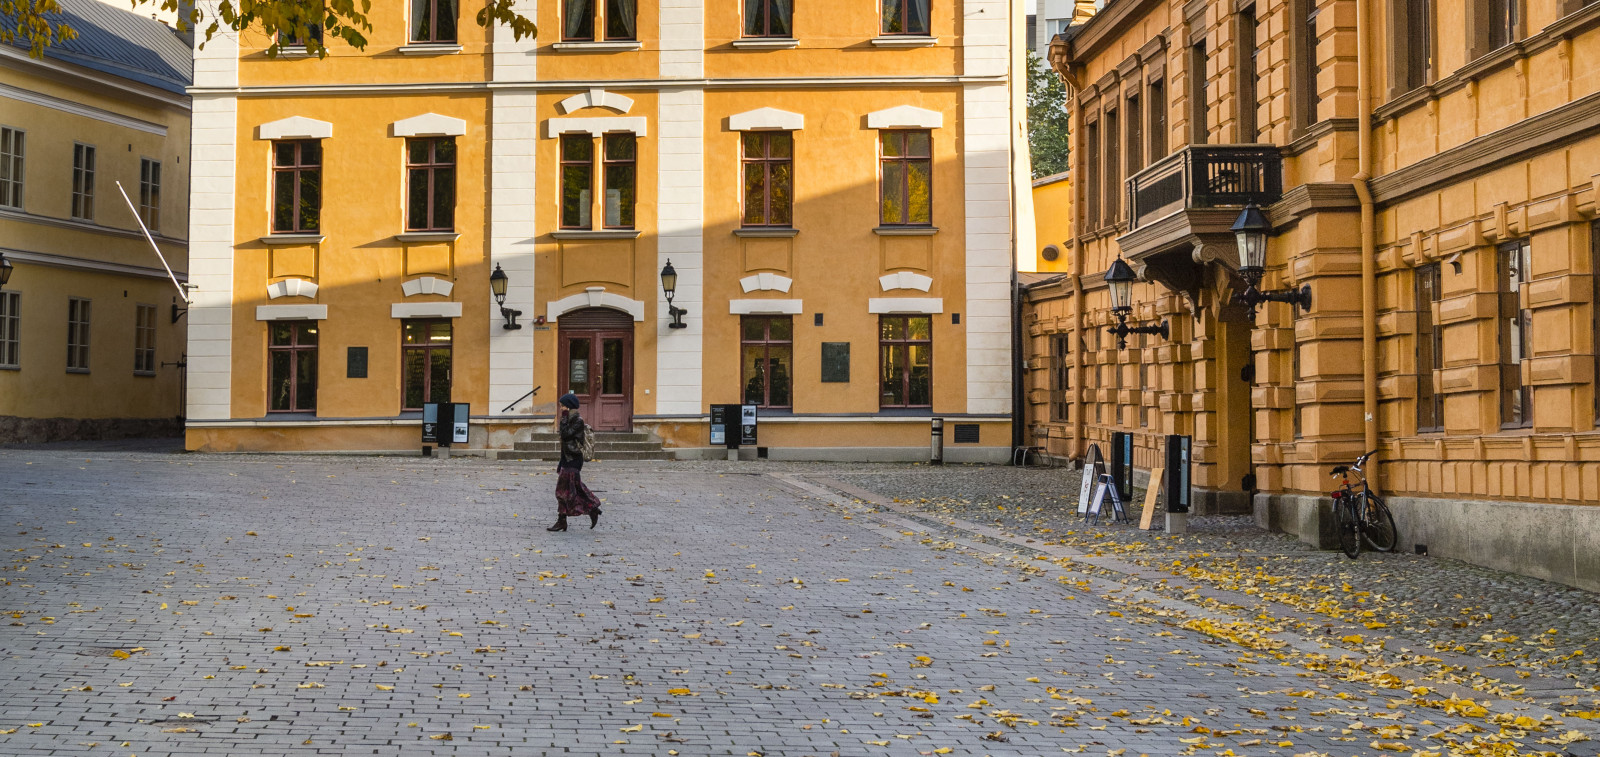 Vanha Suurtori Turku Fi